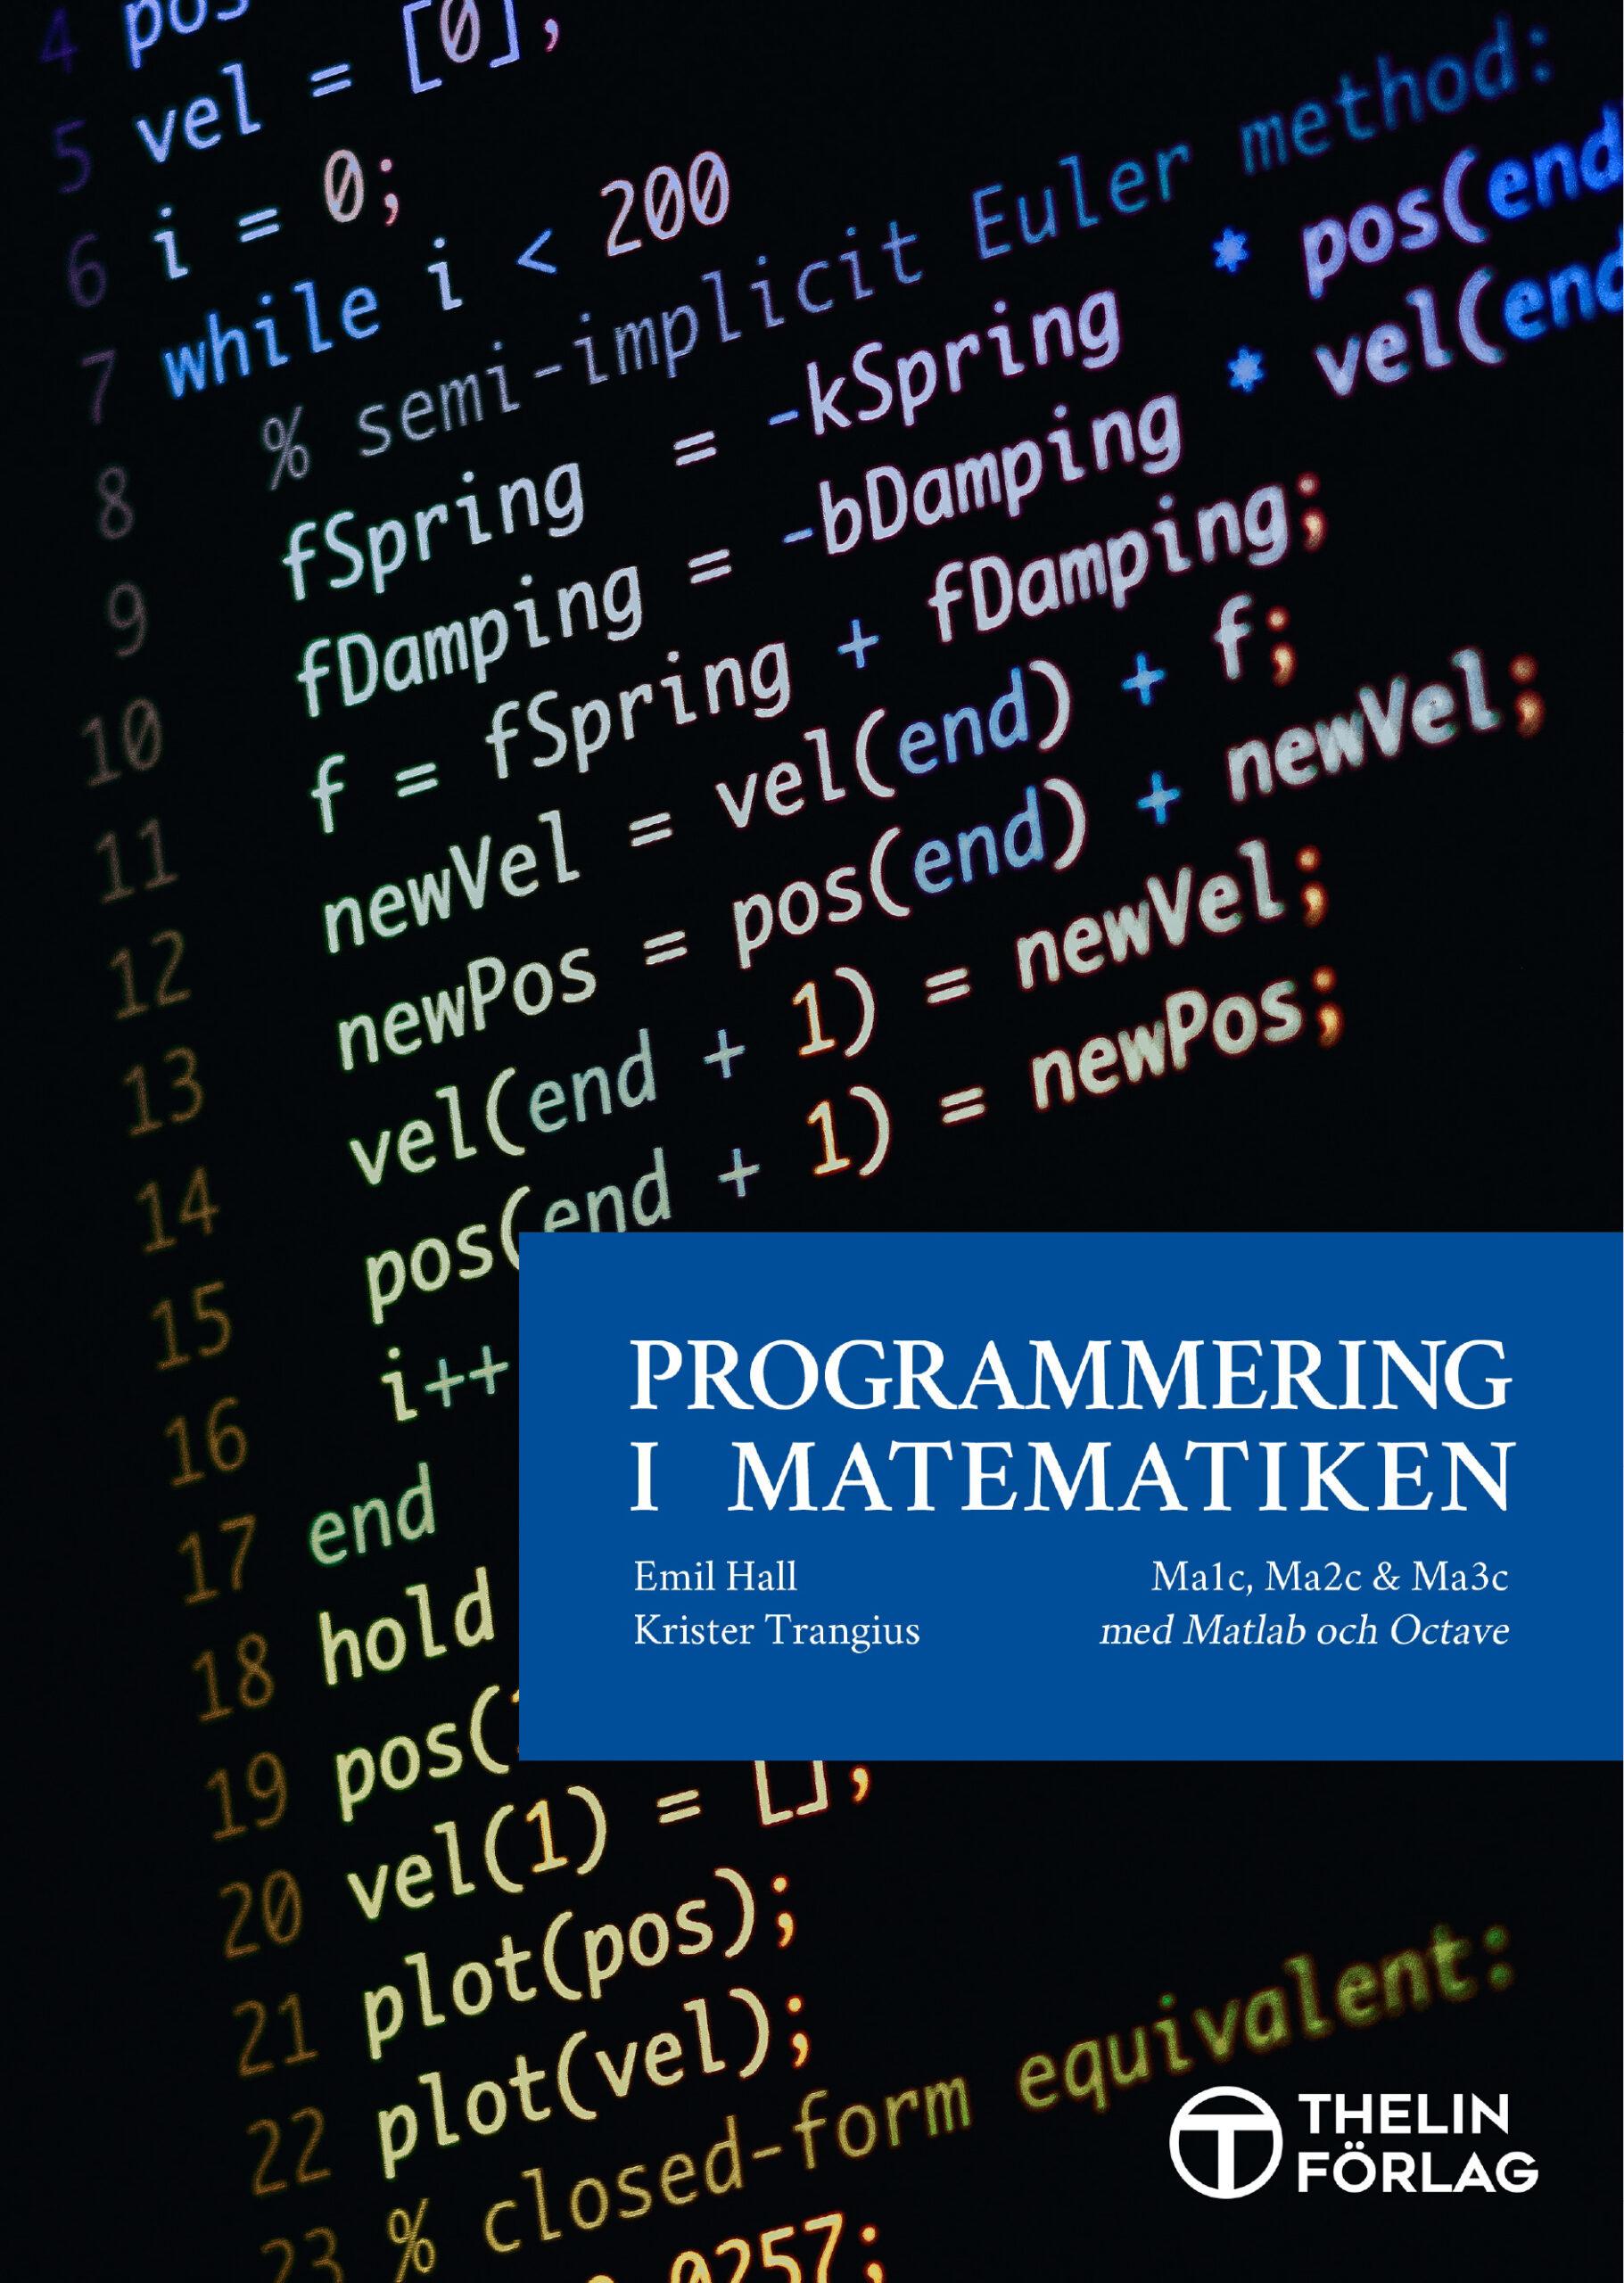 Programmering i matematiken - MathLab och Octave